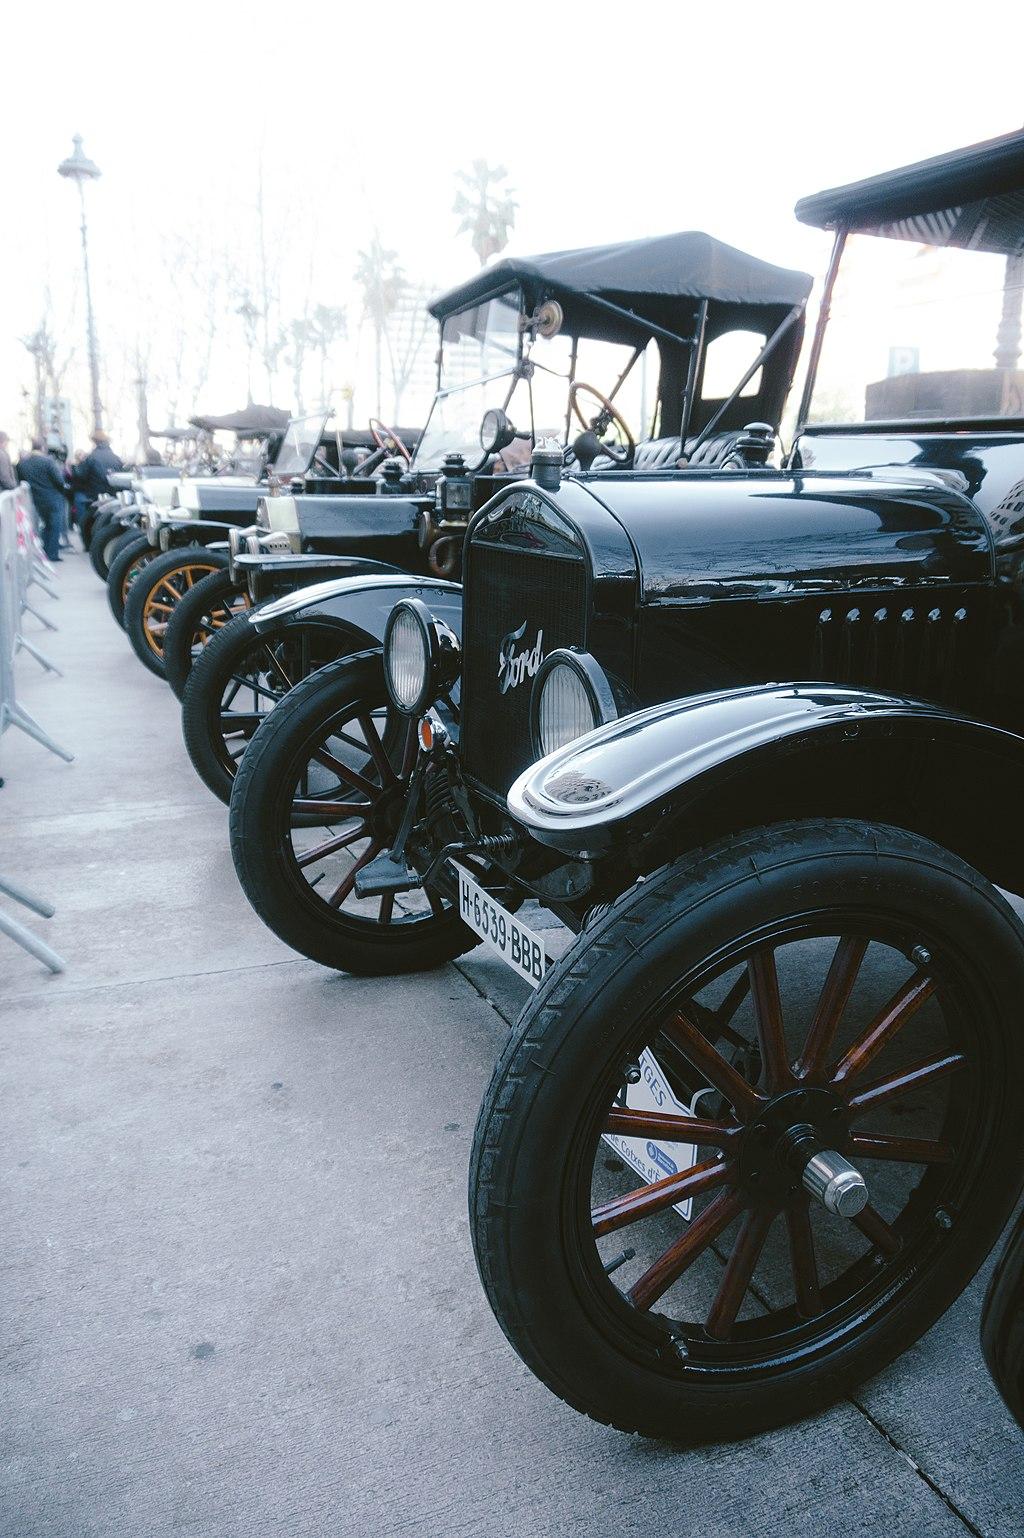 Rallysitges estacionamiento